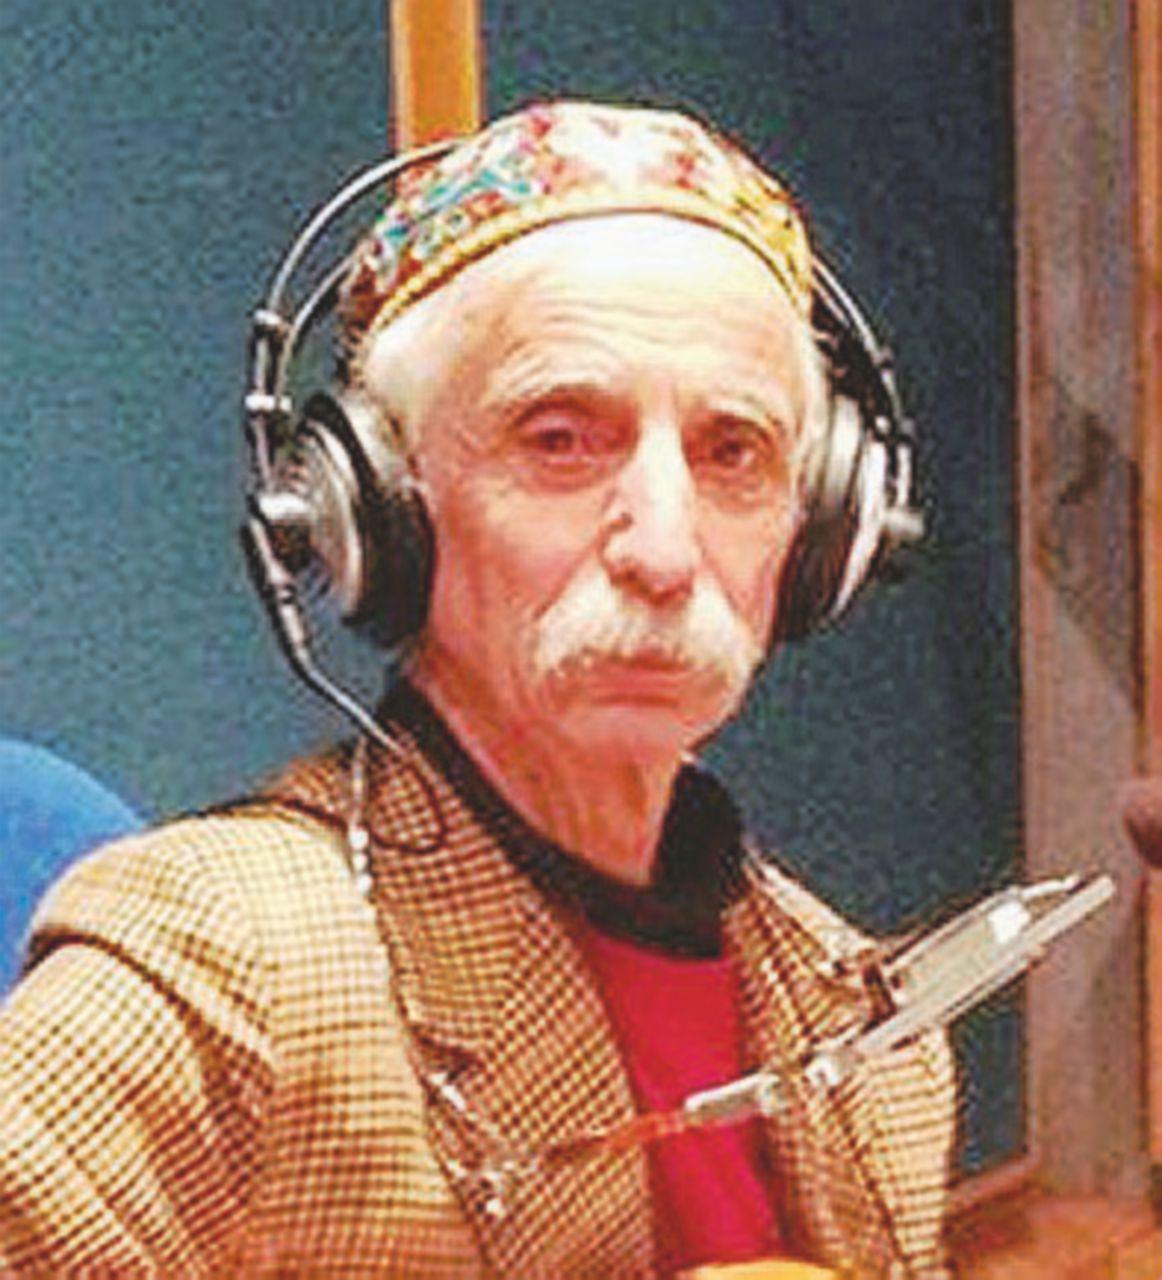 Nissim, musicista e burattinaio: cambia il mondo una poesia per volta